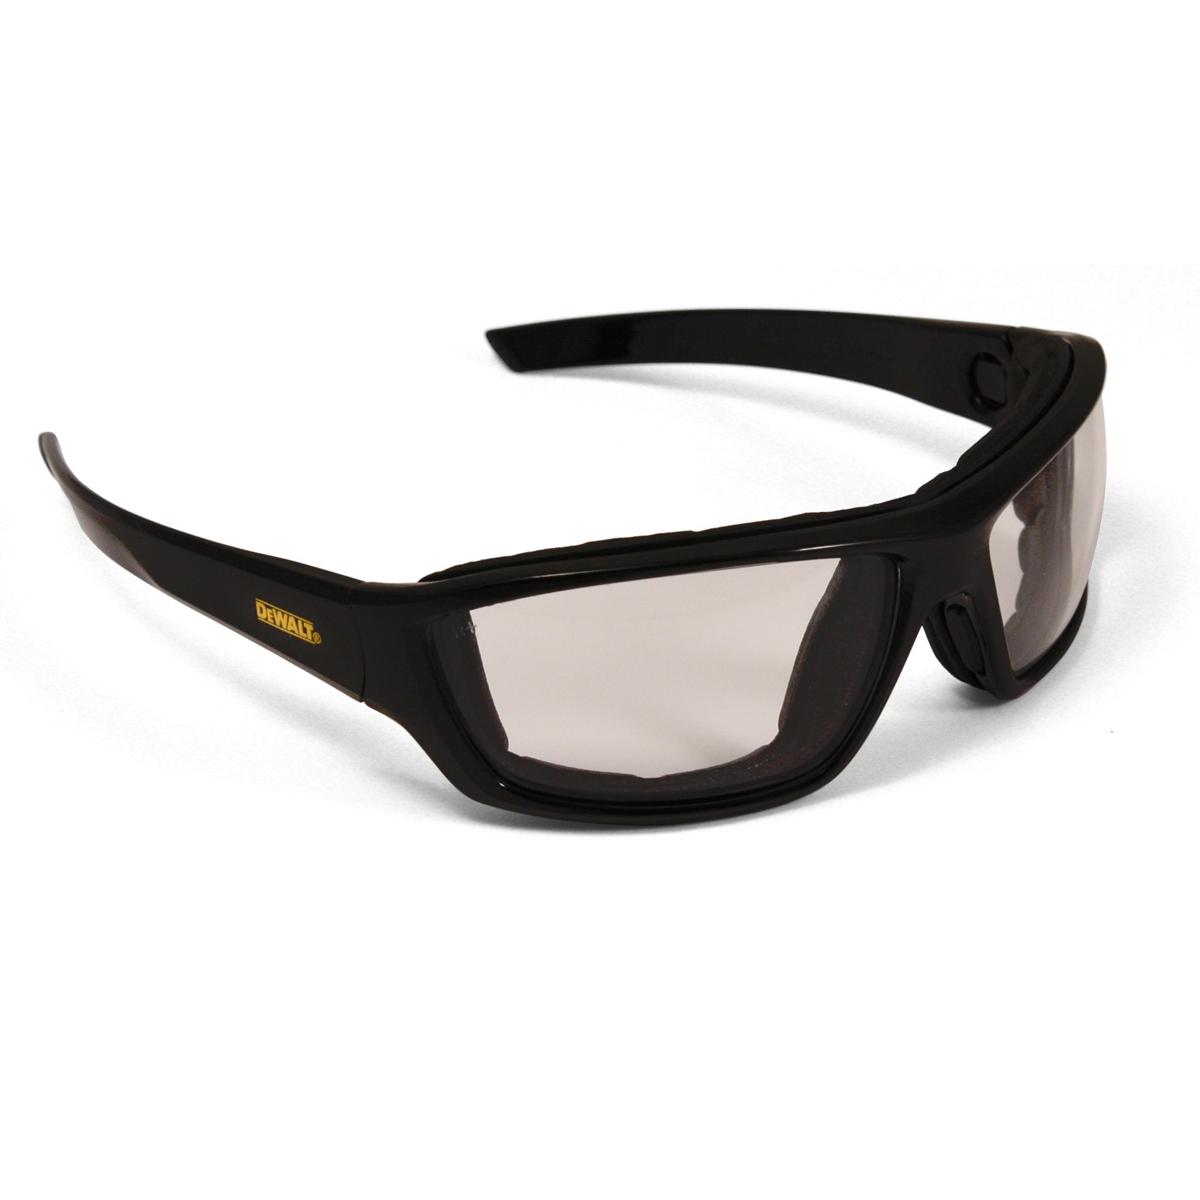 DeWalt DPG83-91 Converter Safety Glasses/Goggles - Black ...